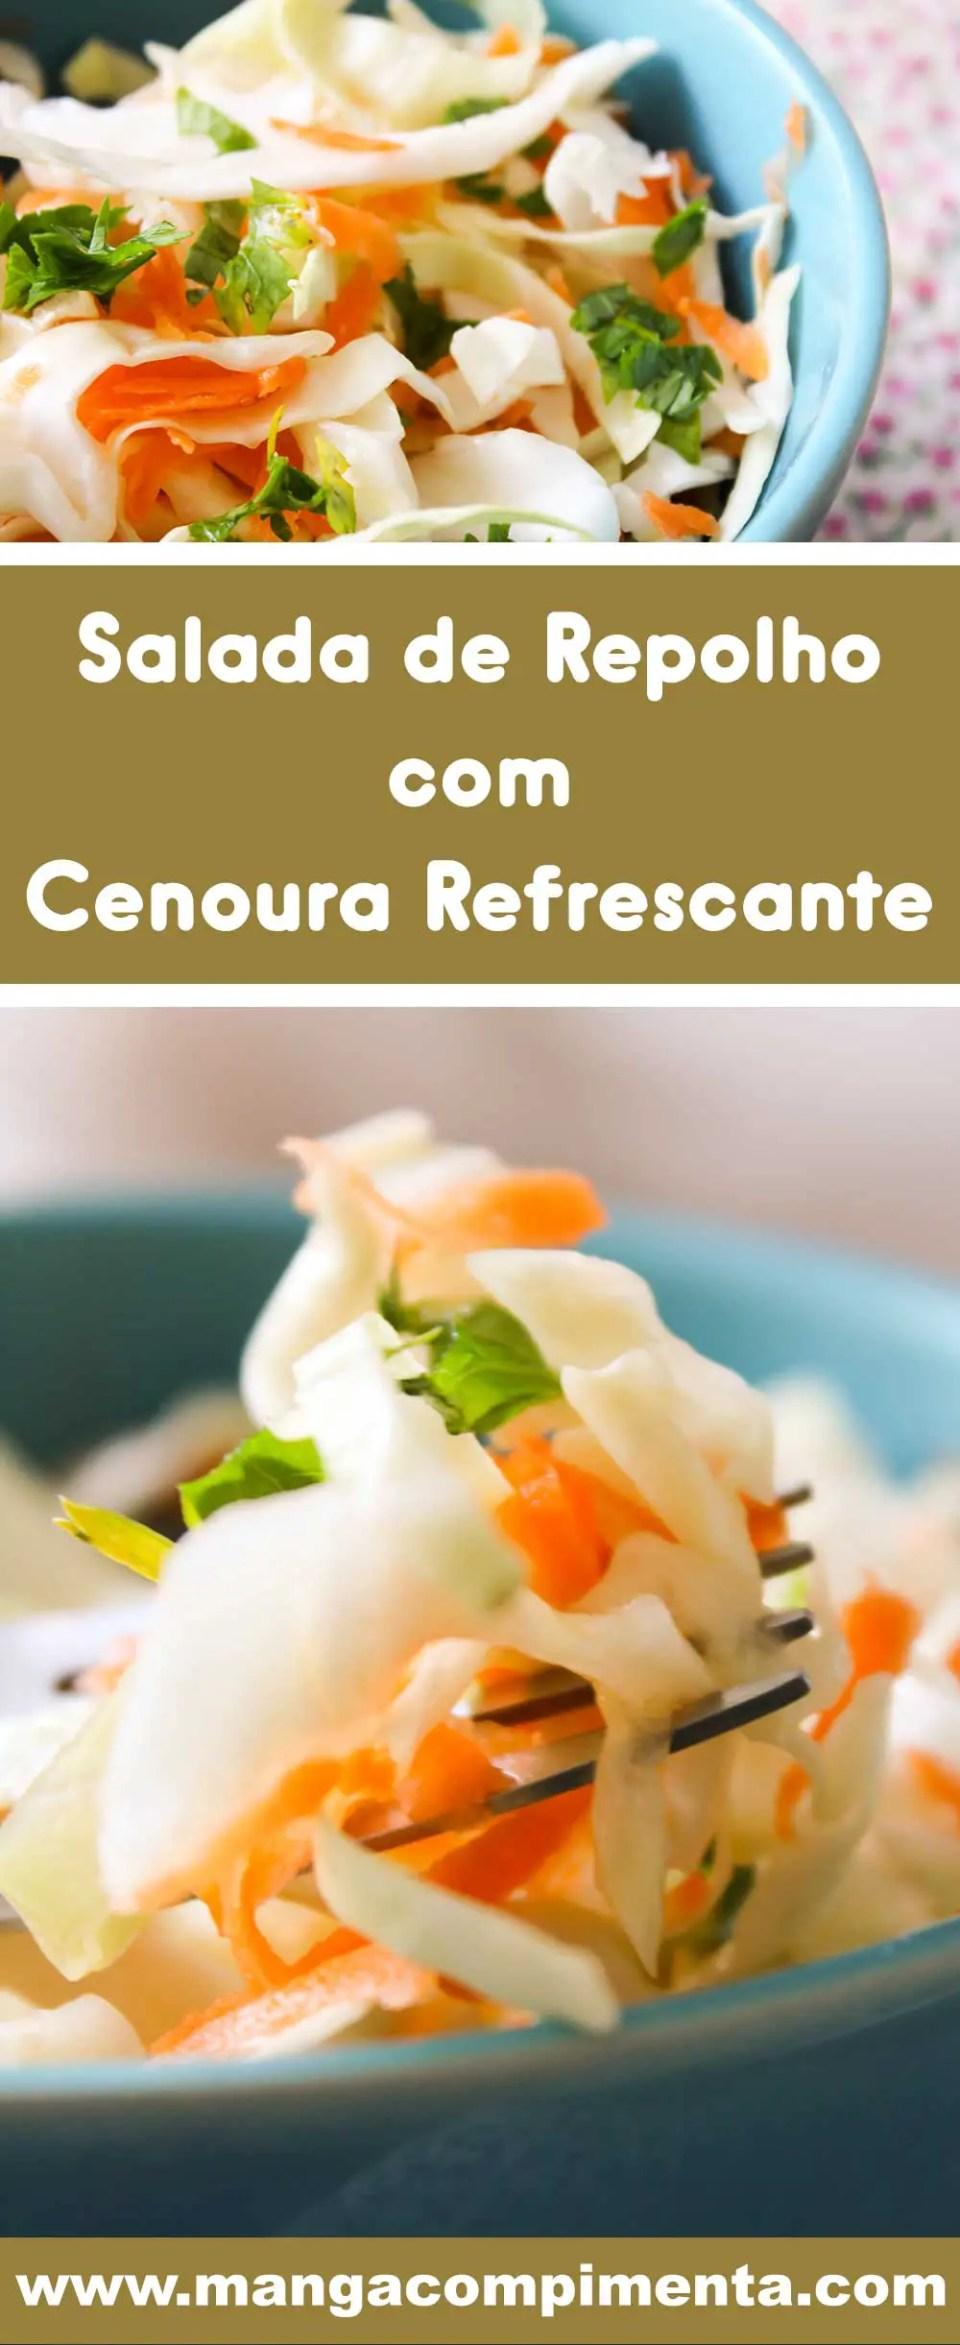 Receita de Salada de Repolho com Cenoura Refrescante - uma entrada deliciosa antes do prato principal.